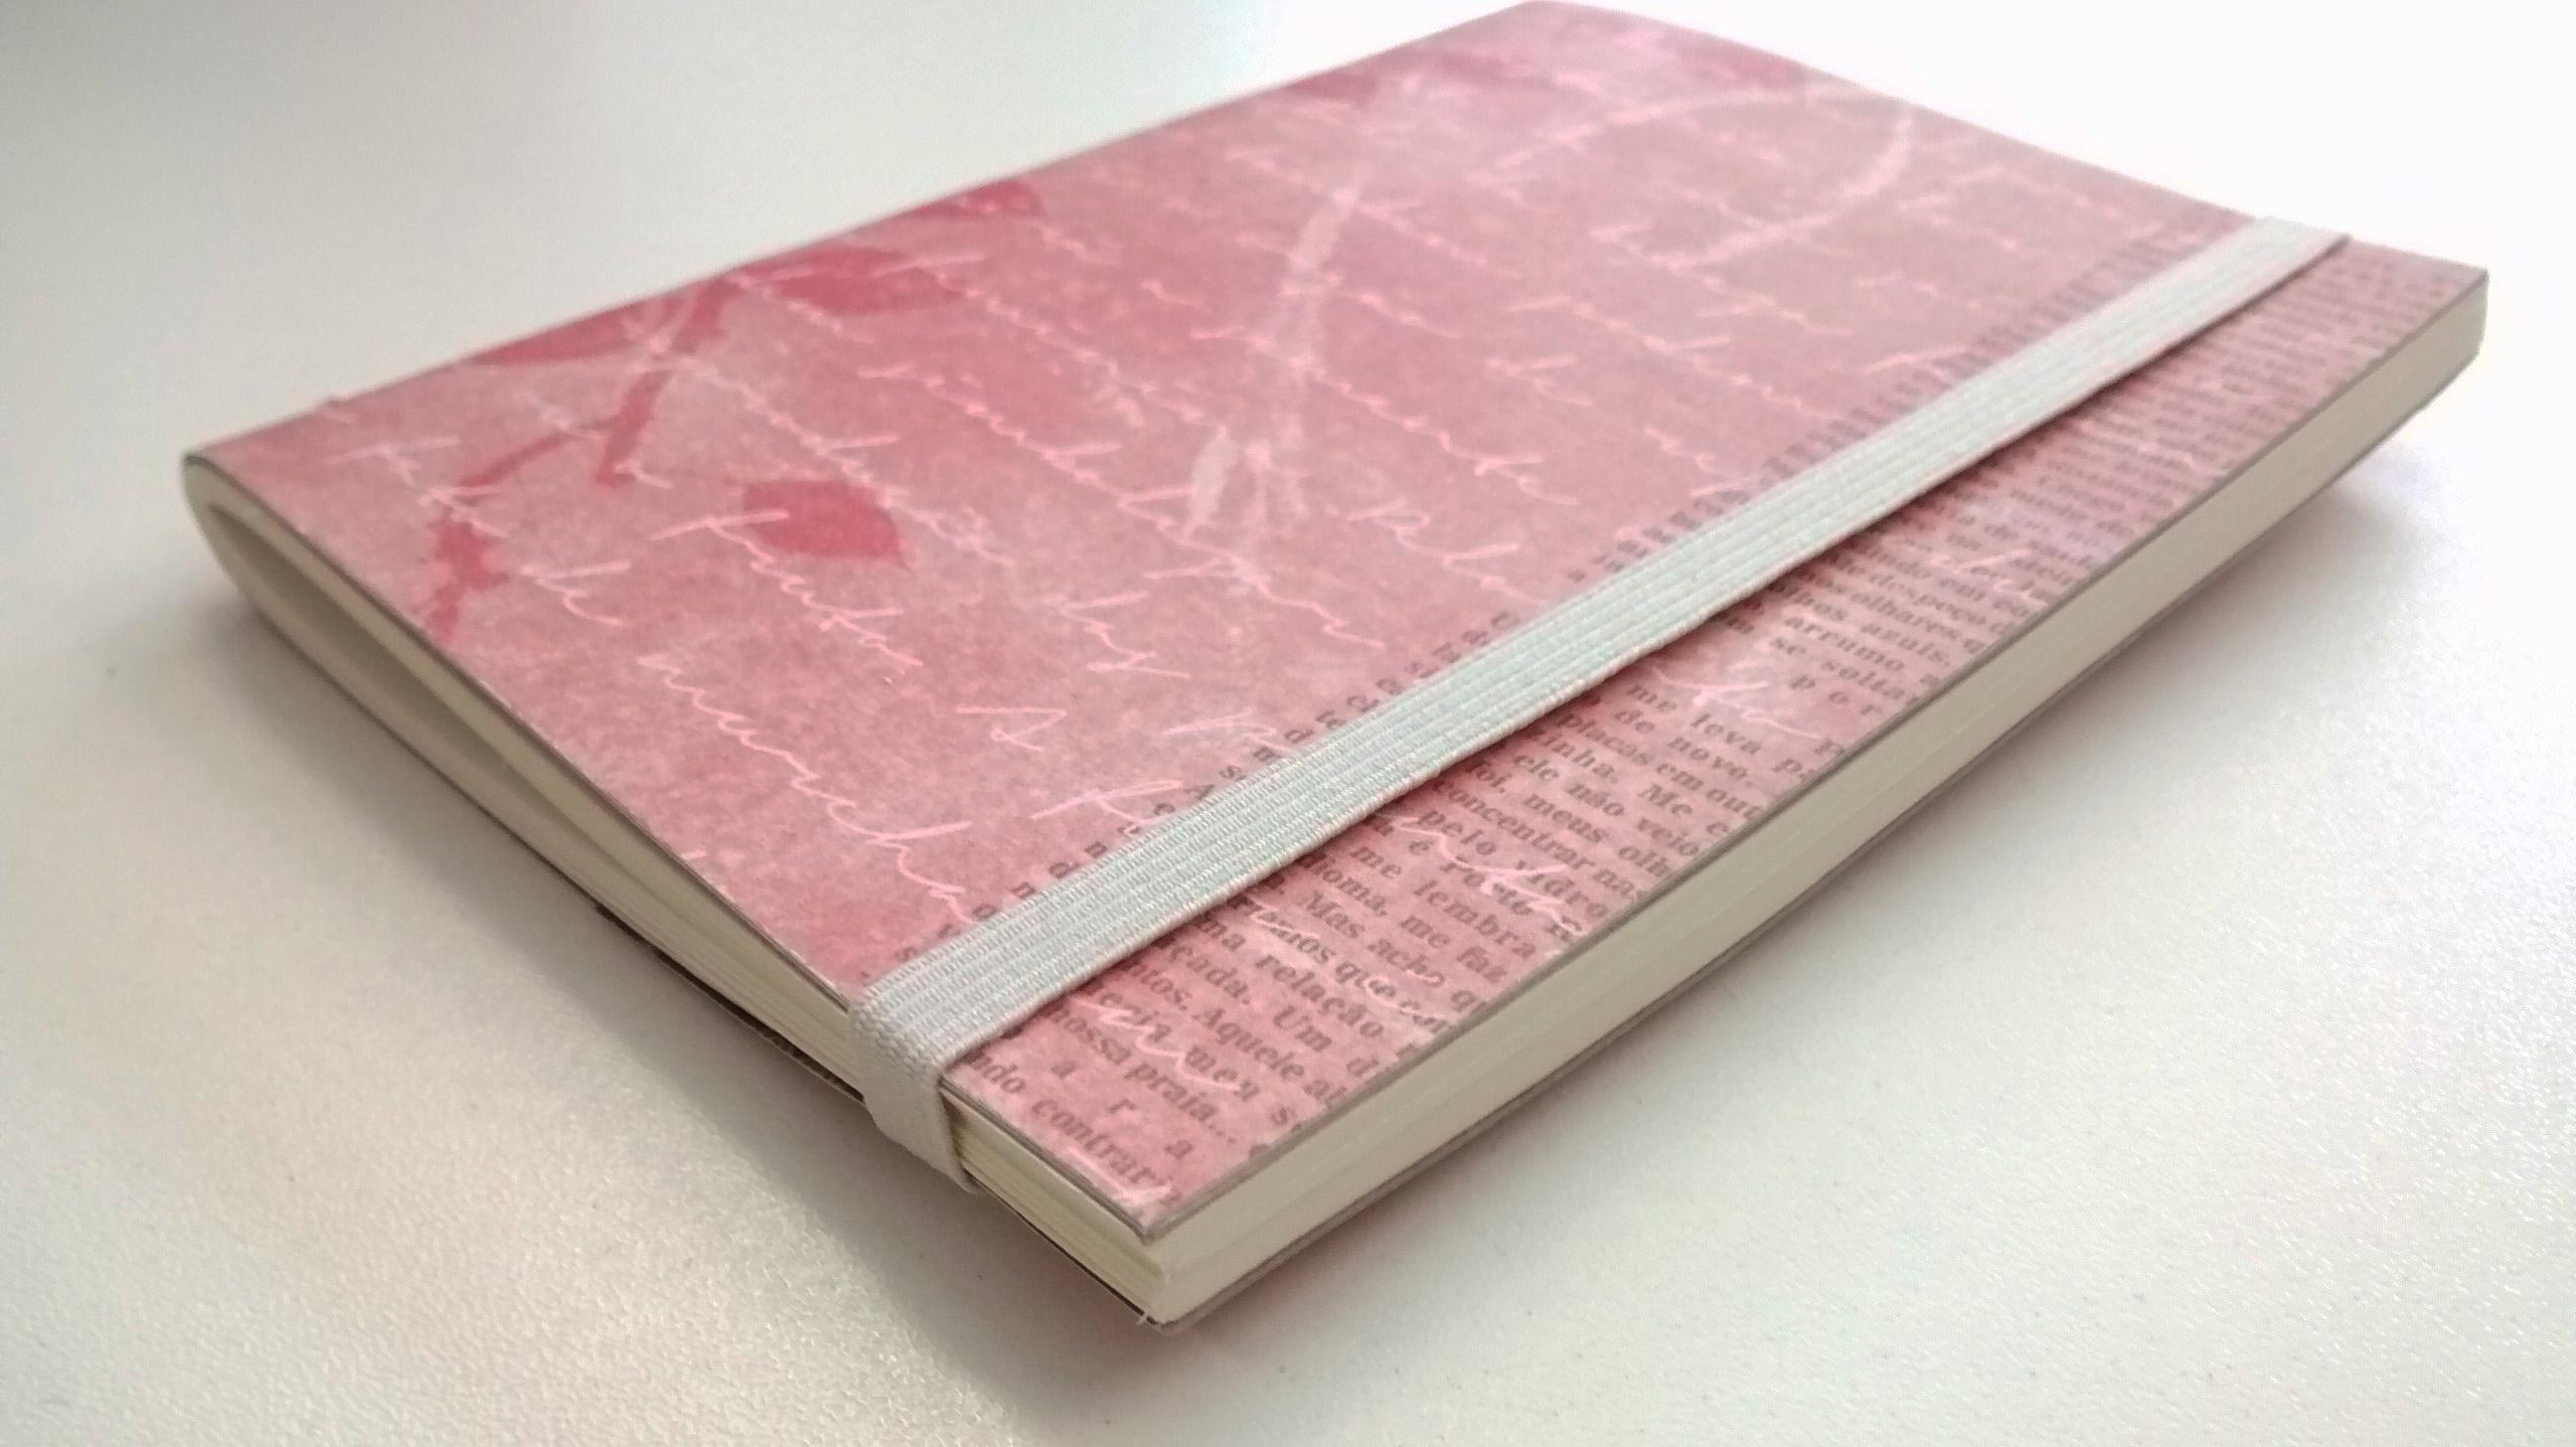 Encadernação manual: caderno de costura simples, 40 folhas com elástico. Tamanho A6 ou 105mm × 148mm, o mesmo tamanho de um Moleskine básico